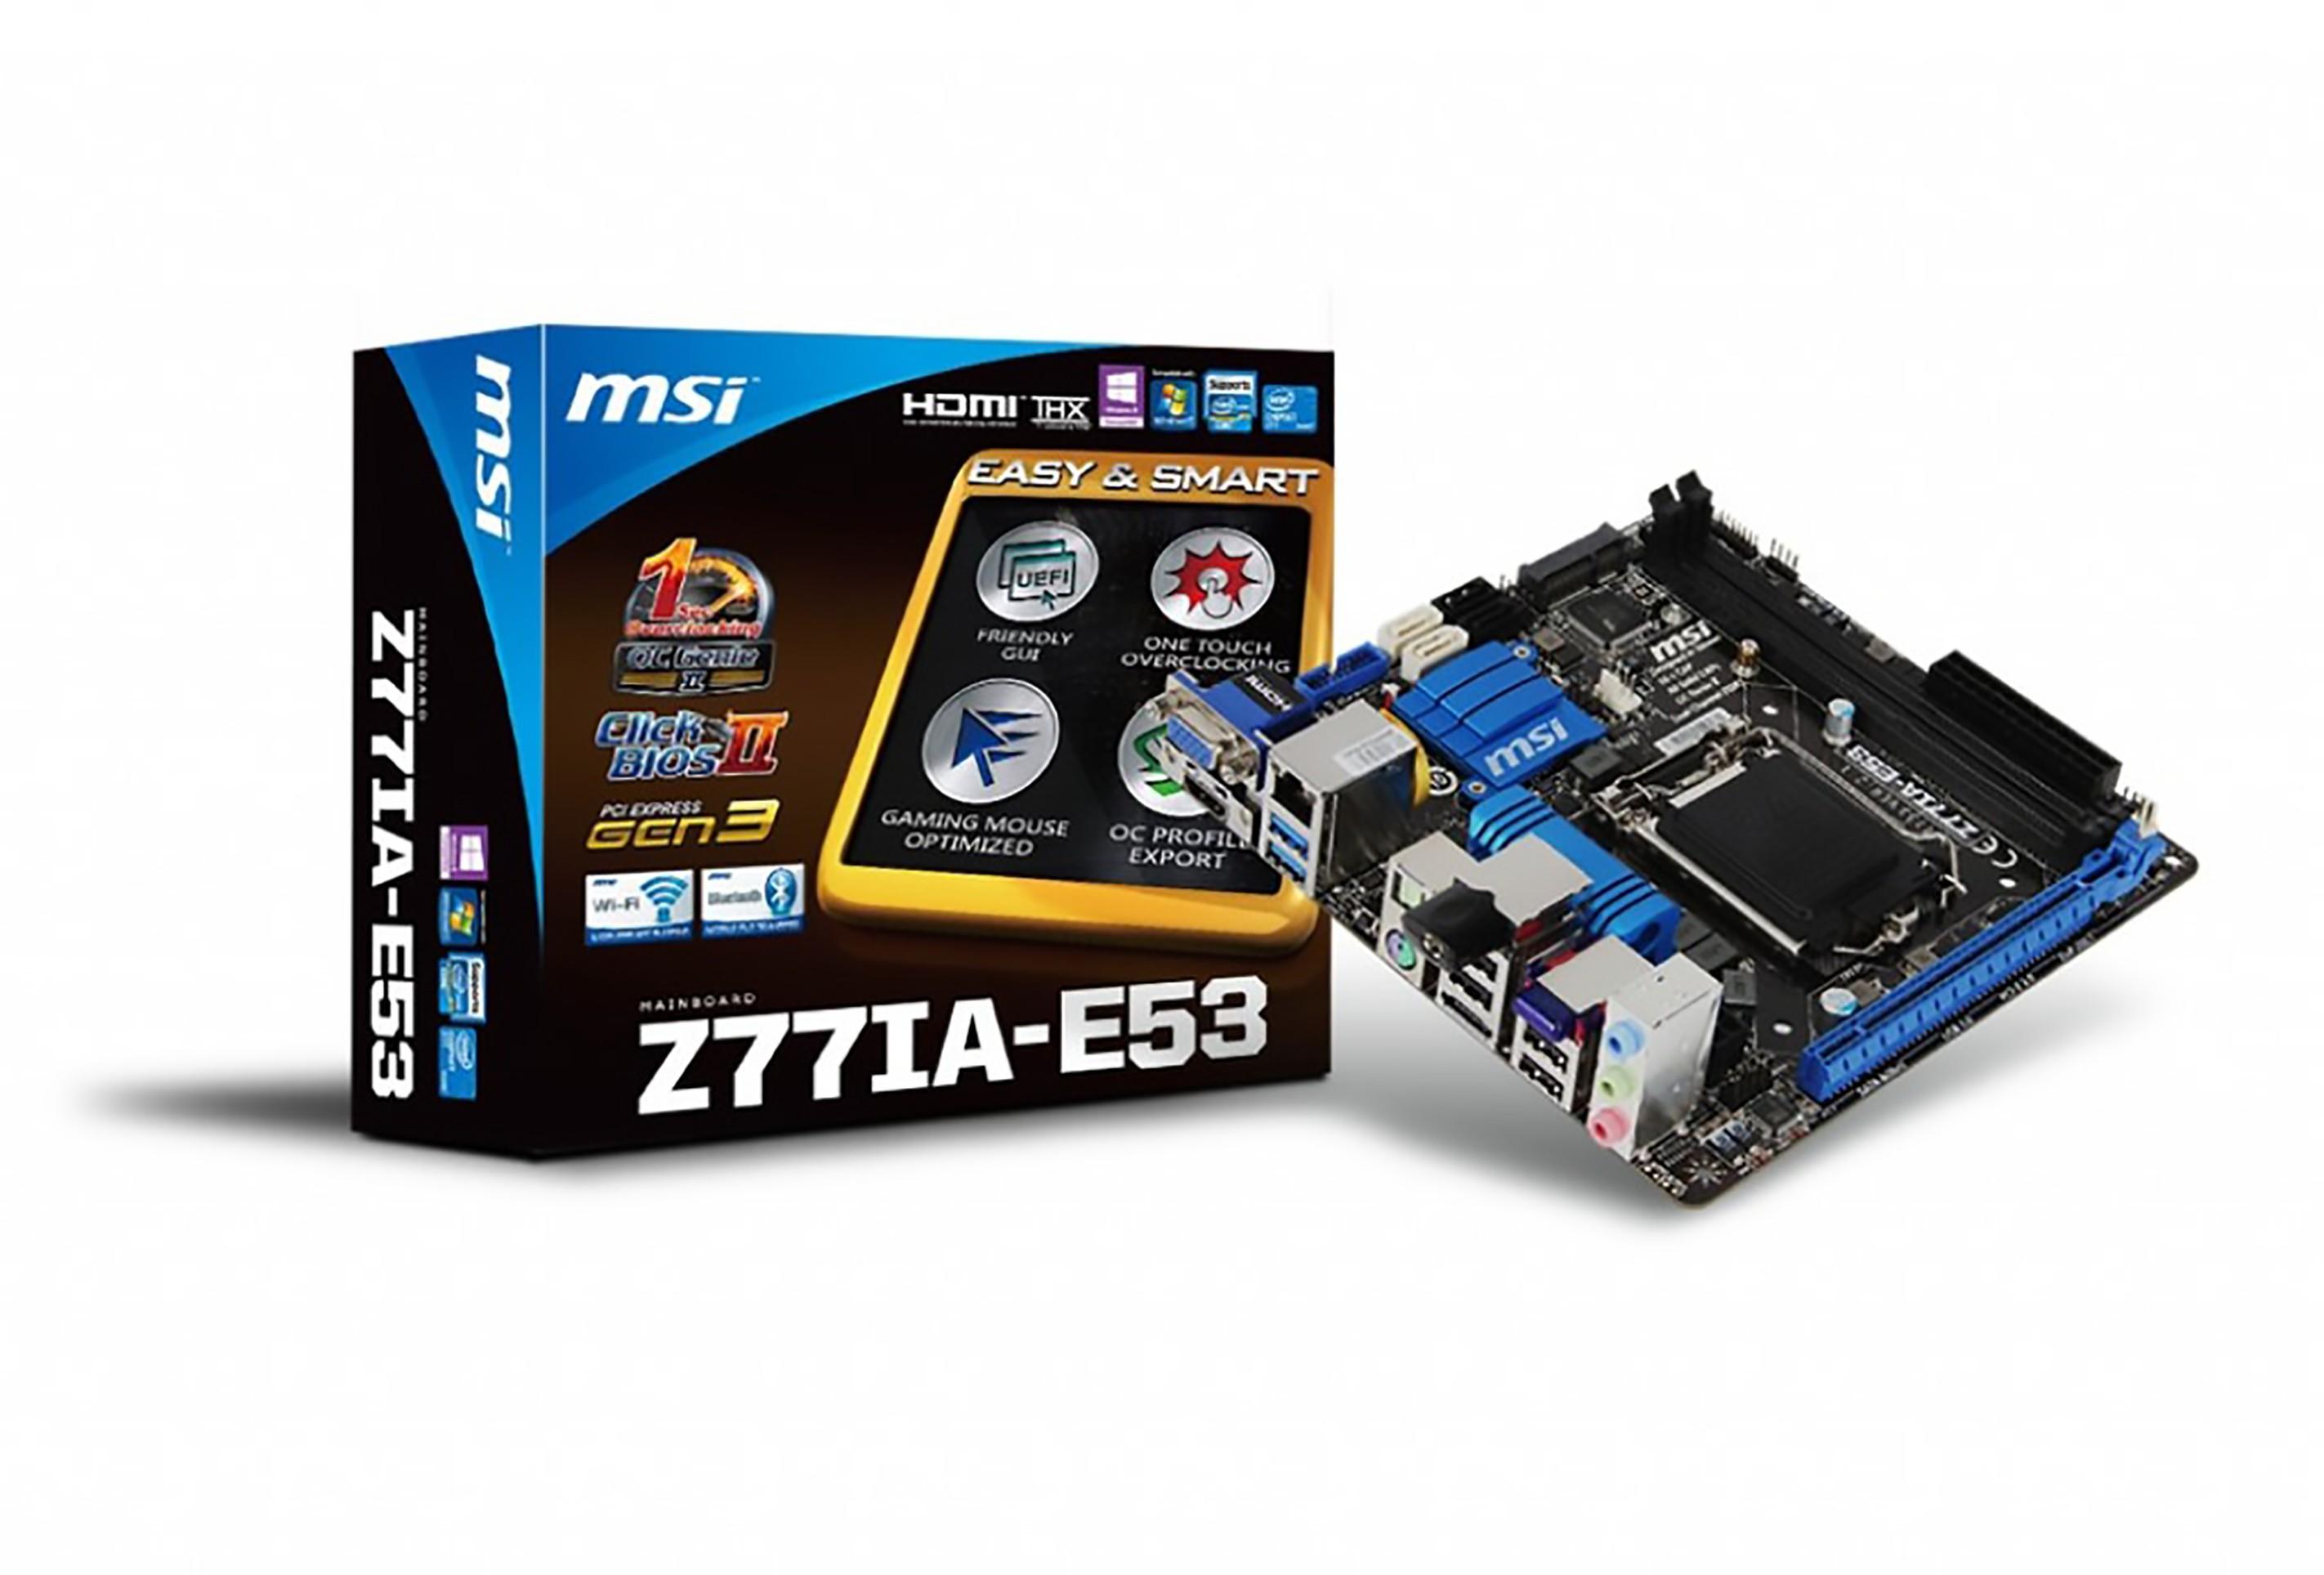 MSI Z77IA-E53 - stara ale jara płyta główna mini-ITX 1